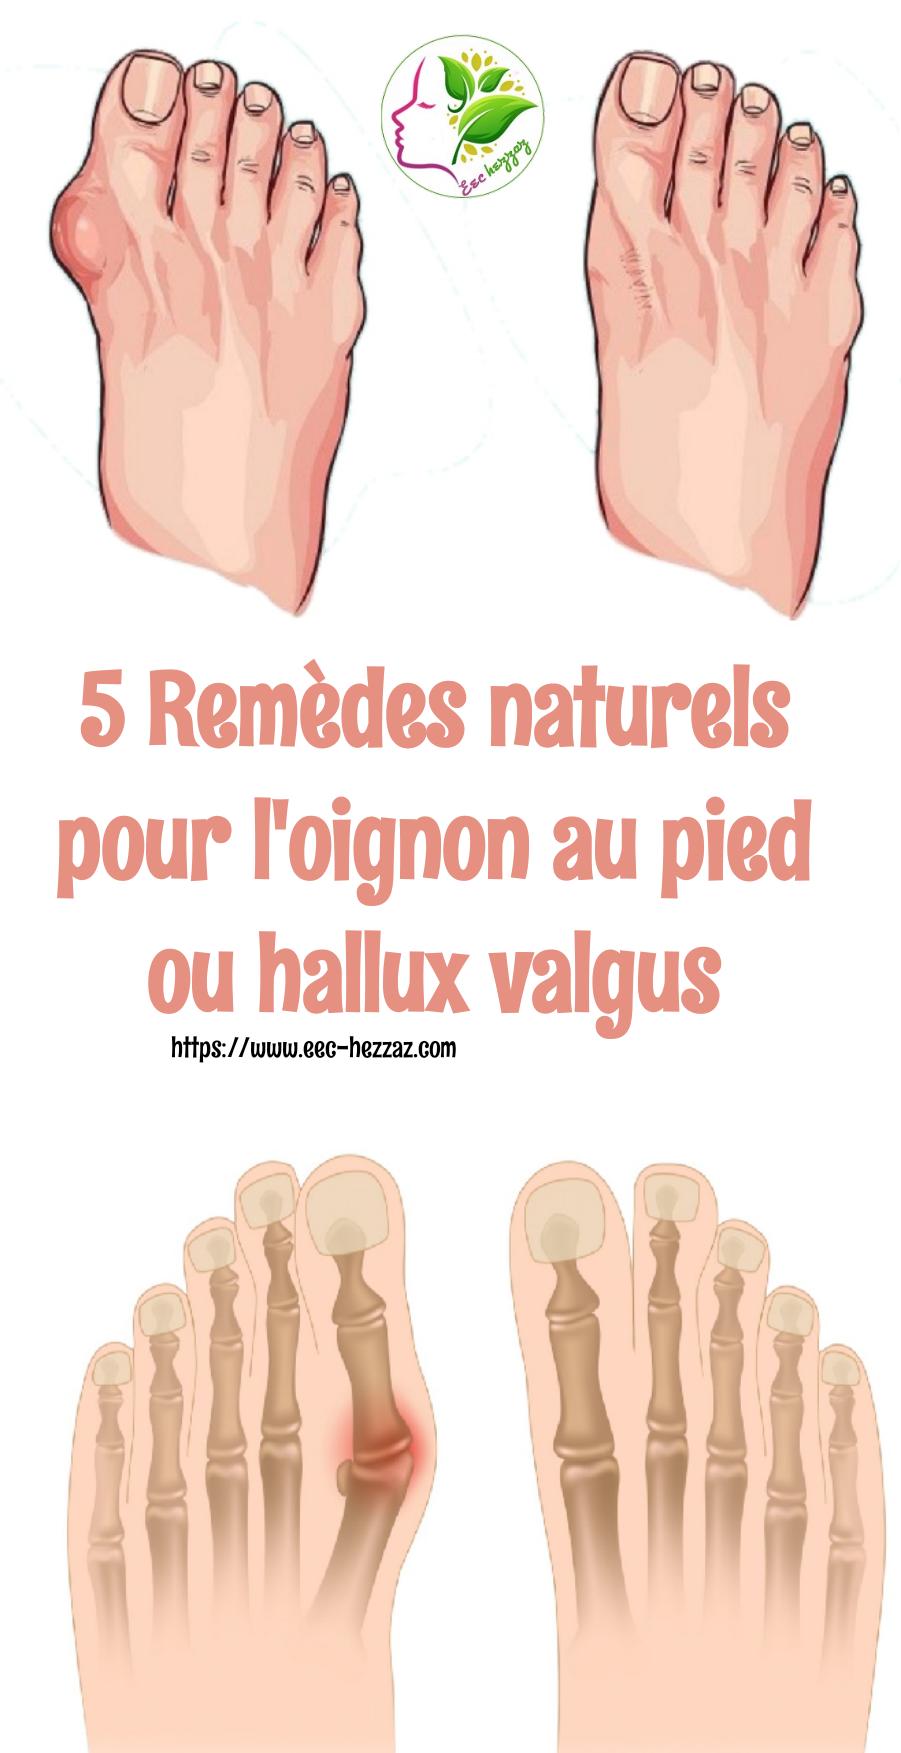 5 Remèdes naturels pour l'oignon au pied ou hallux valgus5 Remèdes naturels pour l'oignon au pied ou hallux valgus